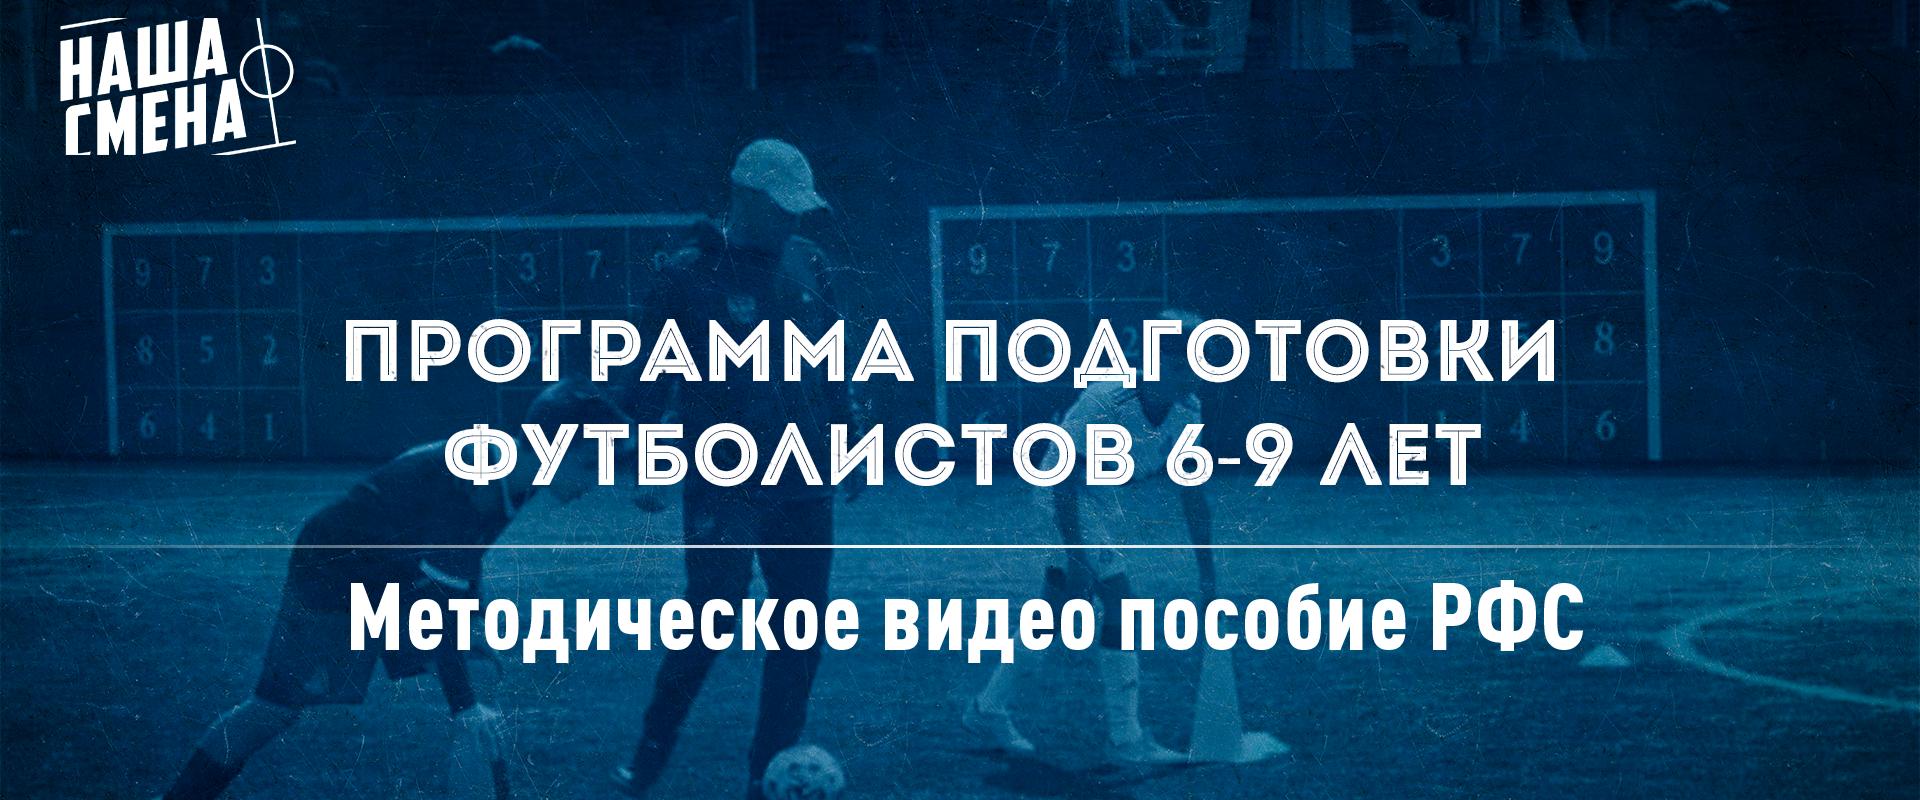 РФС продолжает цикл видео о подготовке футболистов 6-17 лет